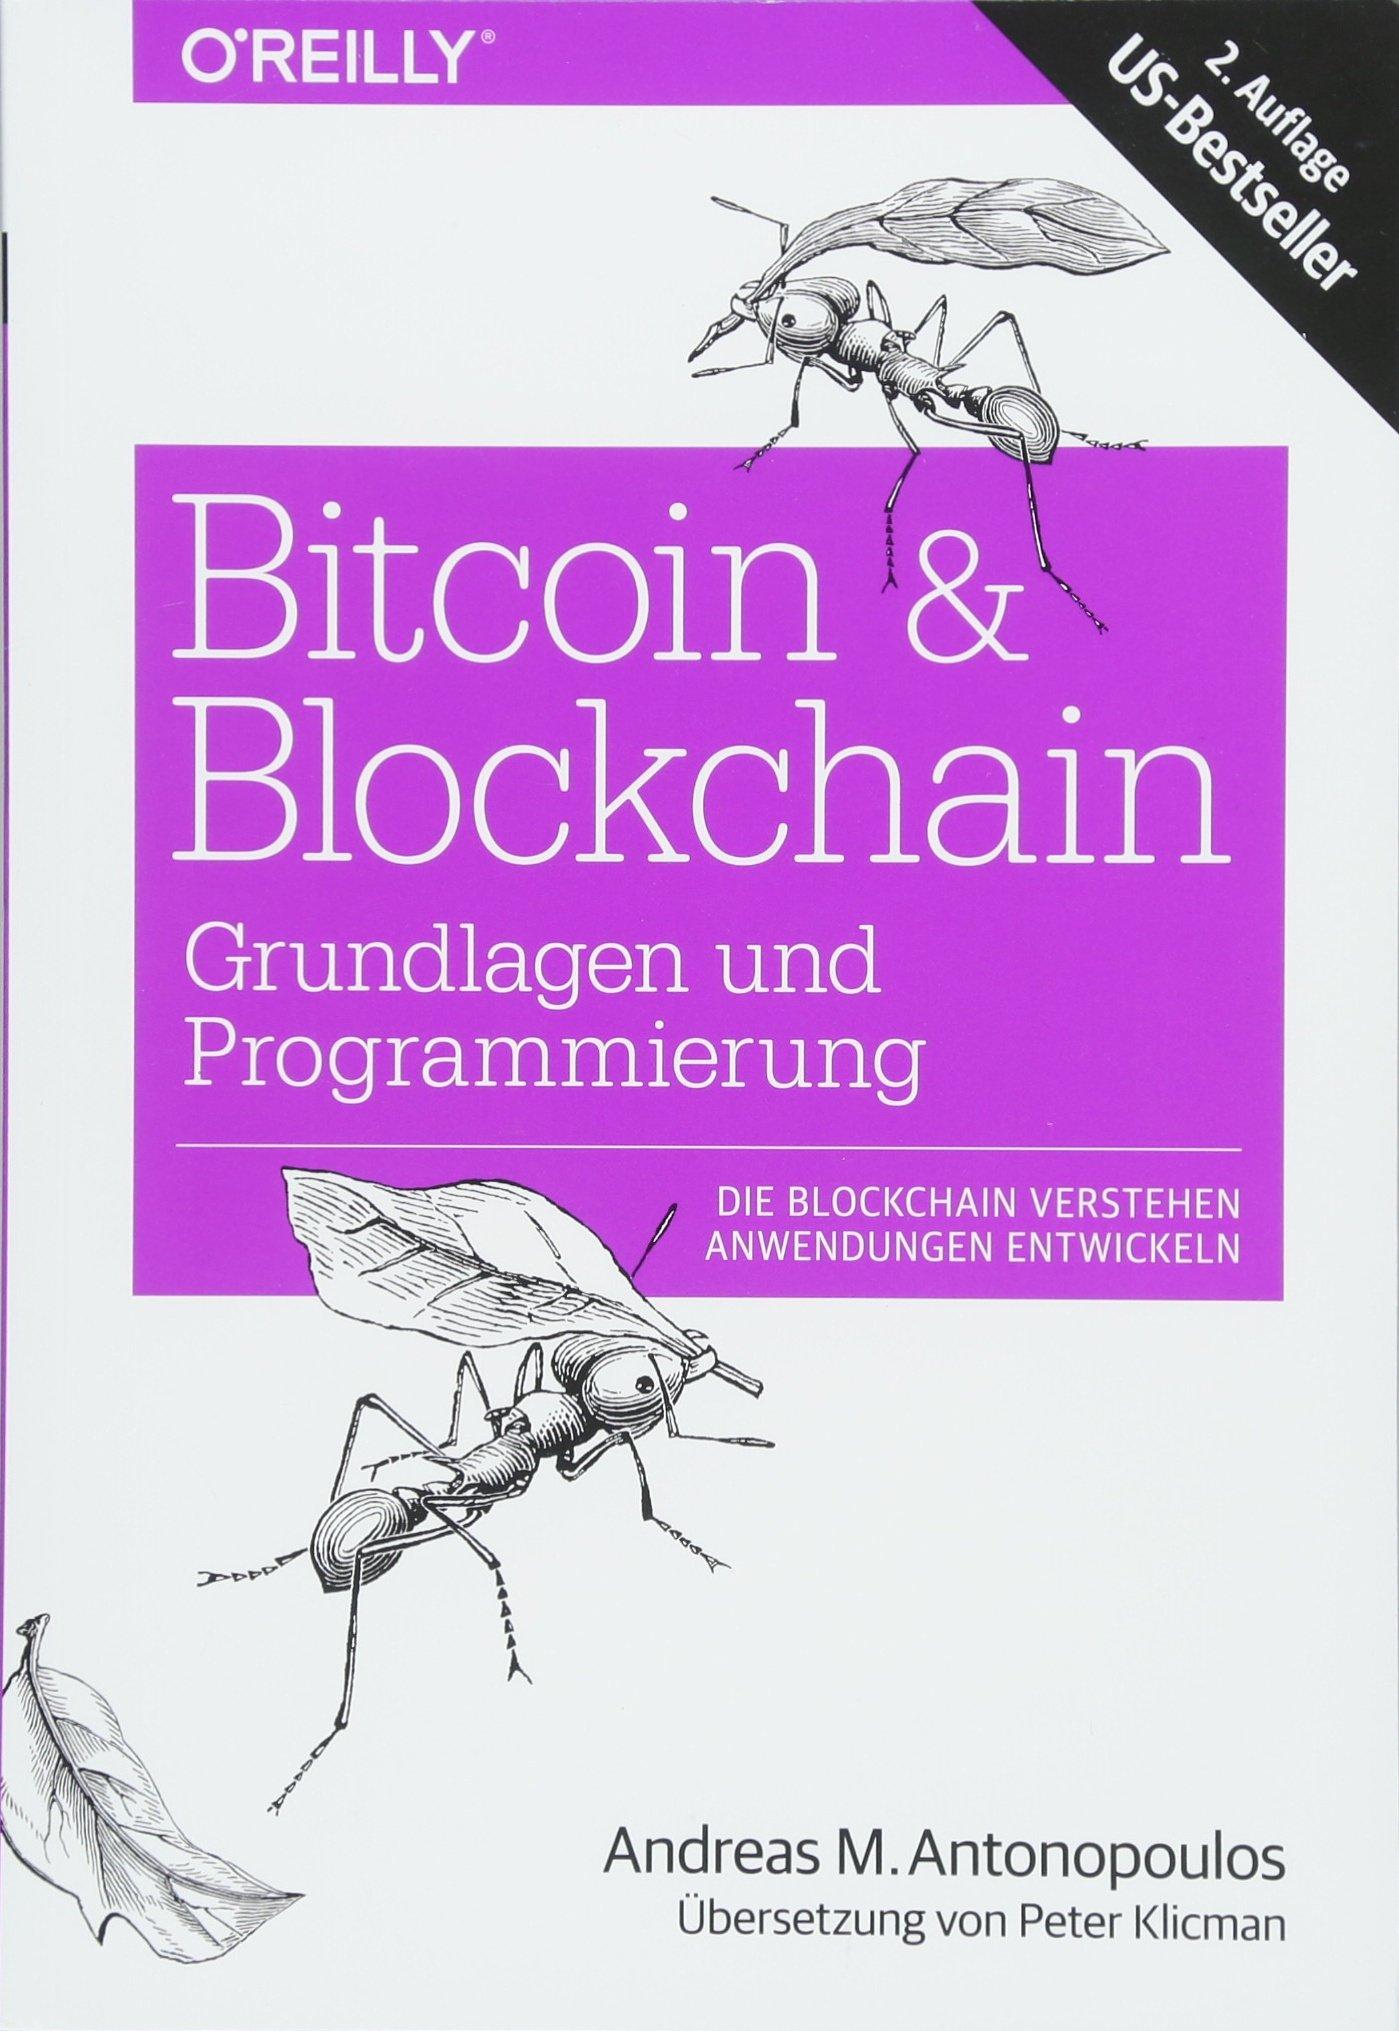 Bitcoin & Blockchain - Grundlagen und Programmierung: Die Blockchain verstehen, Anwendungen entwickeln Taschenbuch – 23. April 2018 Andreas M. Antonopoulos Peter Klicman O'Reilly 3960090714